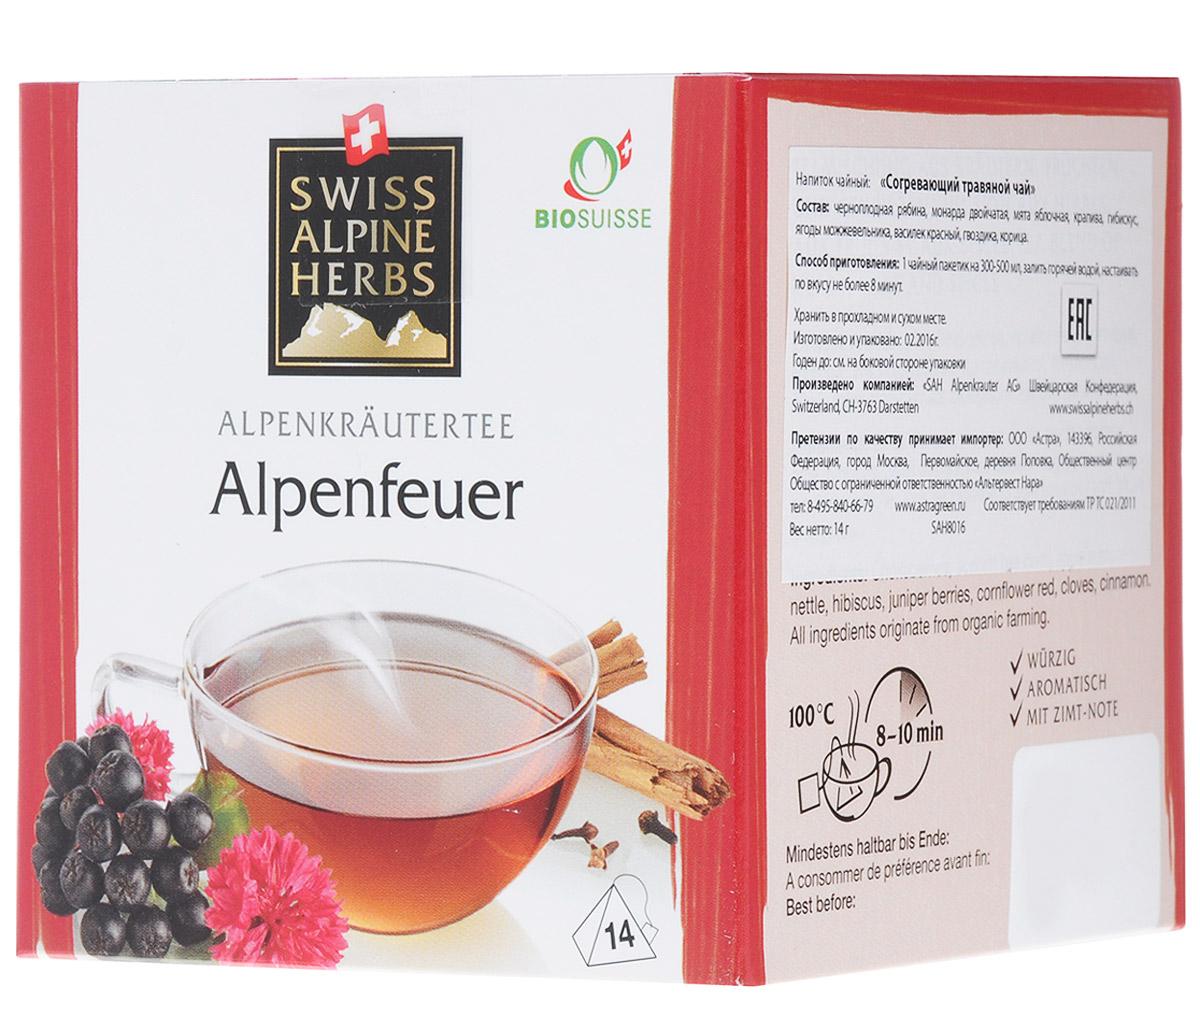 Swiss Alpine Herbs Согревающий травяной чай в пакетиках, 14 штSAH8016Элитный чай Swiss Alpine Herbs в треугольных пакетиках - это прекрасное сочетание ягод и трав, которые дарят чаю неповторимый аромат. Собранные на альпийских лугах в Швейцарии, они известны своими целебными свойствами. В состав входят: черноплодная рябина, двойчатая монарда, мята яблочная, крапива, гибискус, ягоды можжевельника, василек красный, гвоздика, корица.